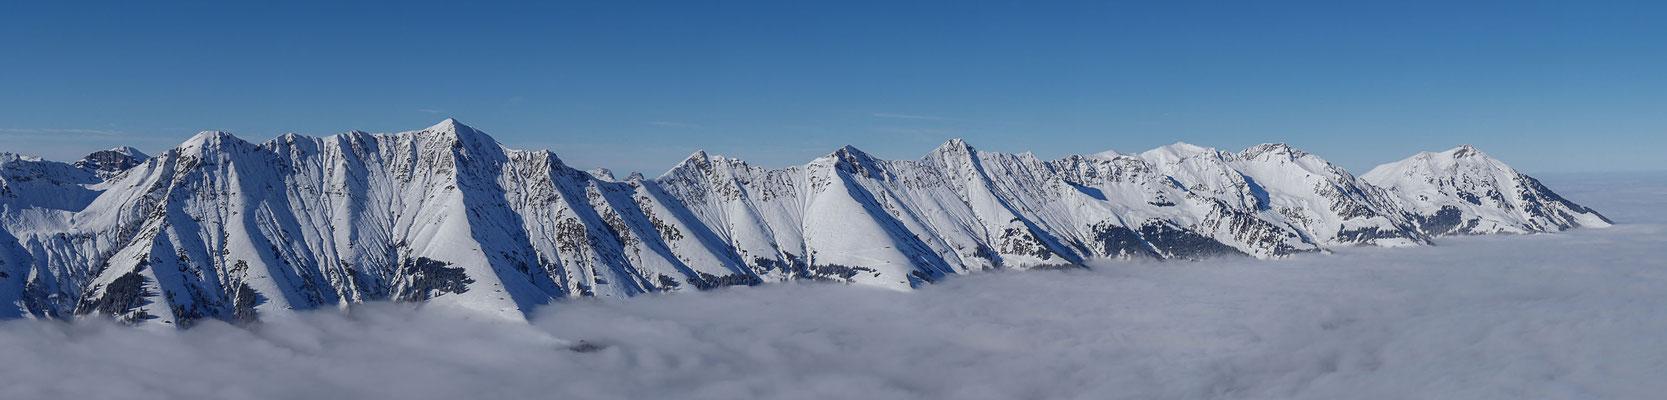 Panorama Bild von der Niesenkette